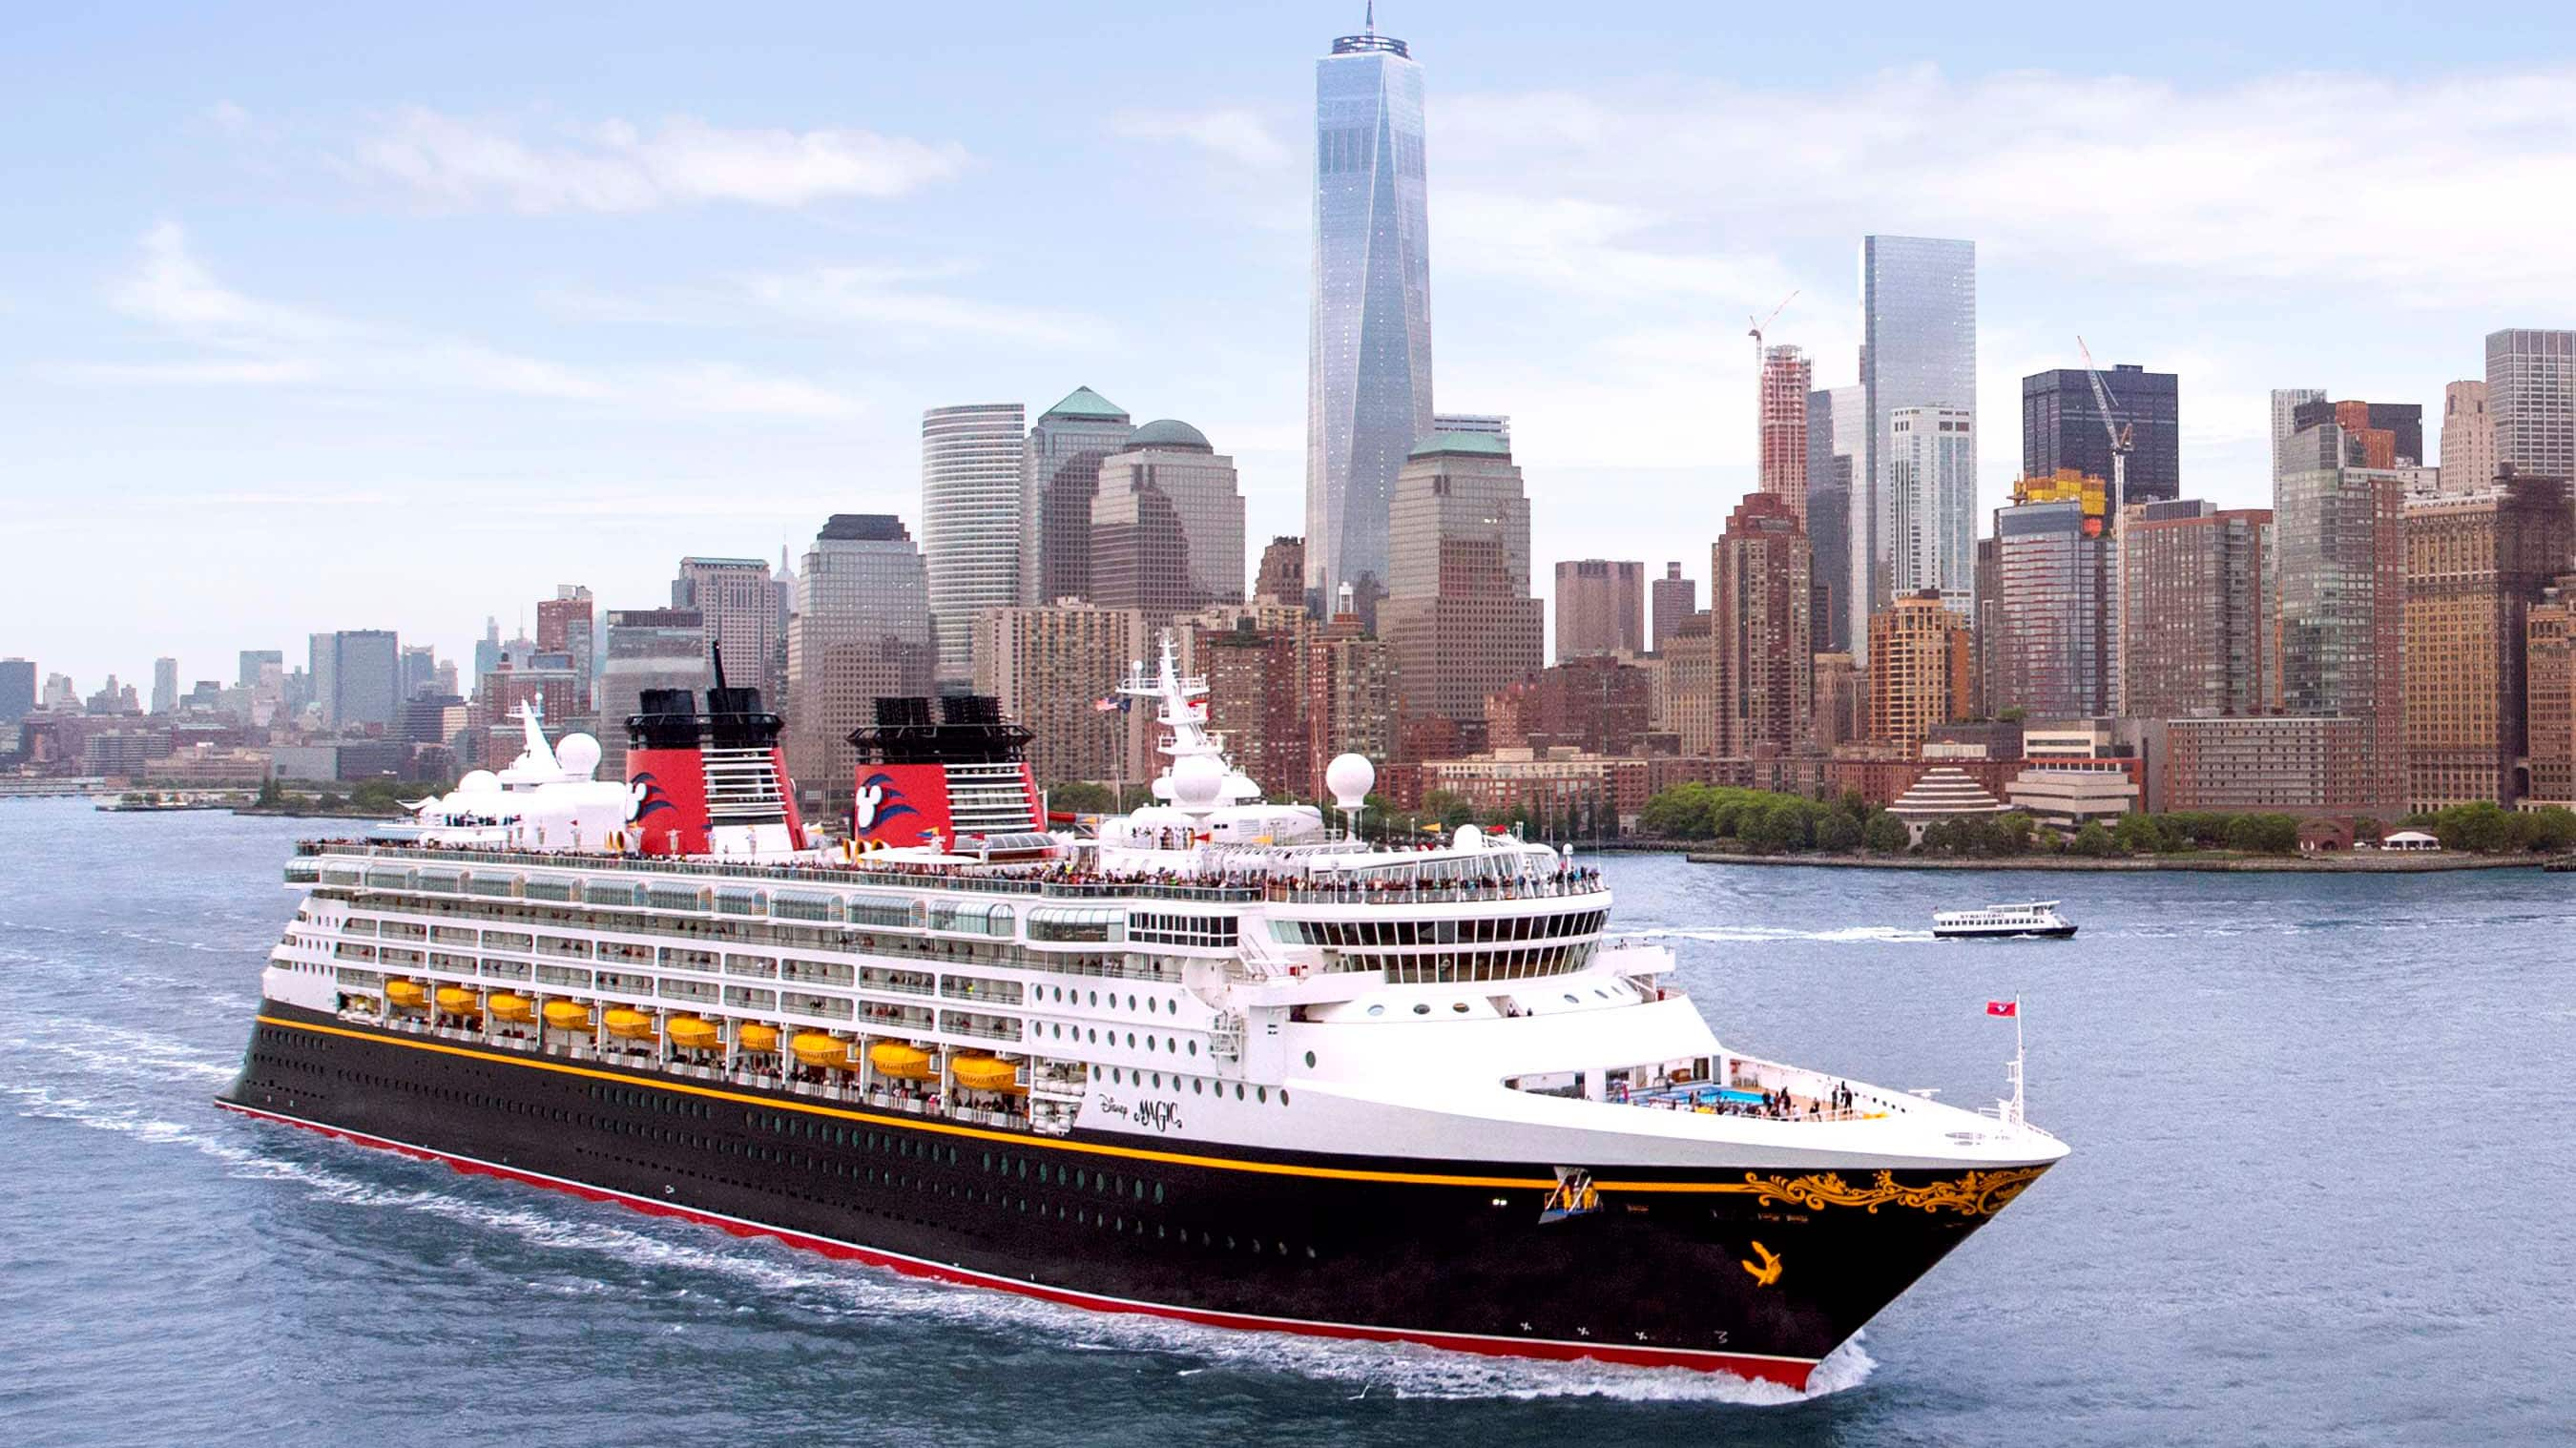 Un barco de Disney Cruise Line pasa una torre asimétrica en la ciudad de Nueva York